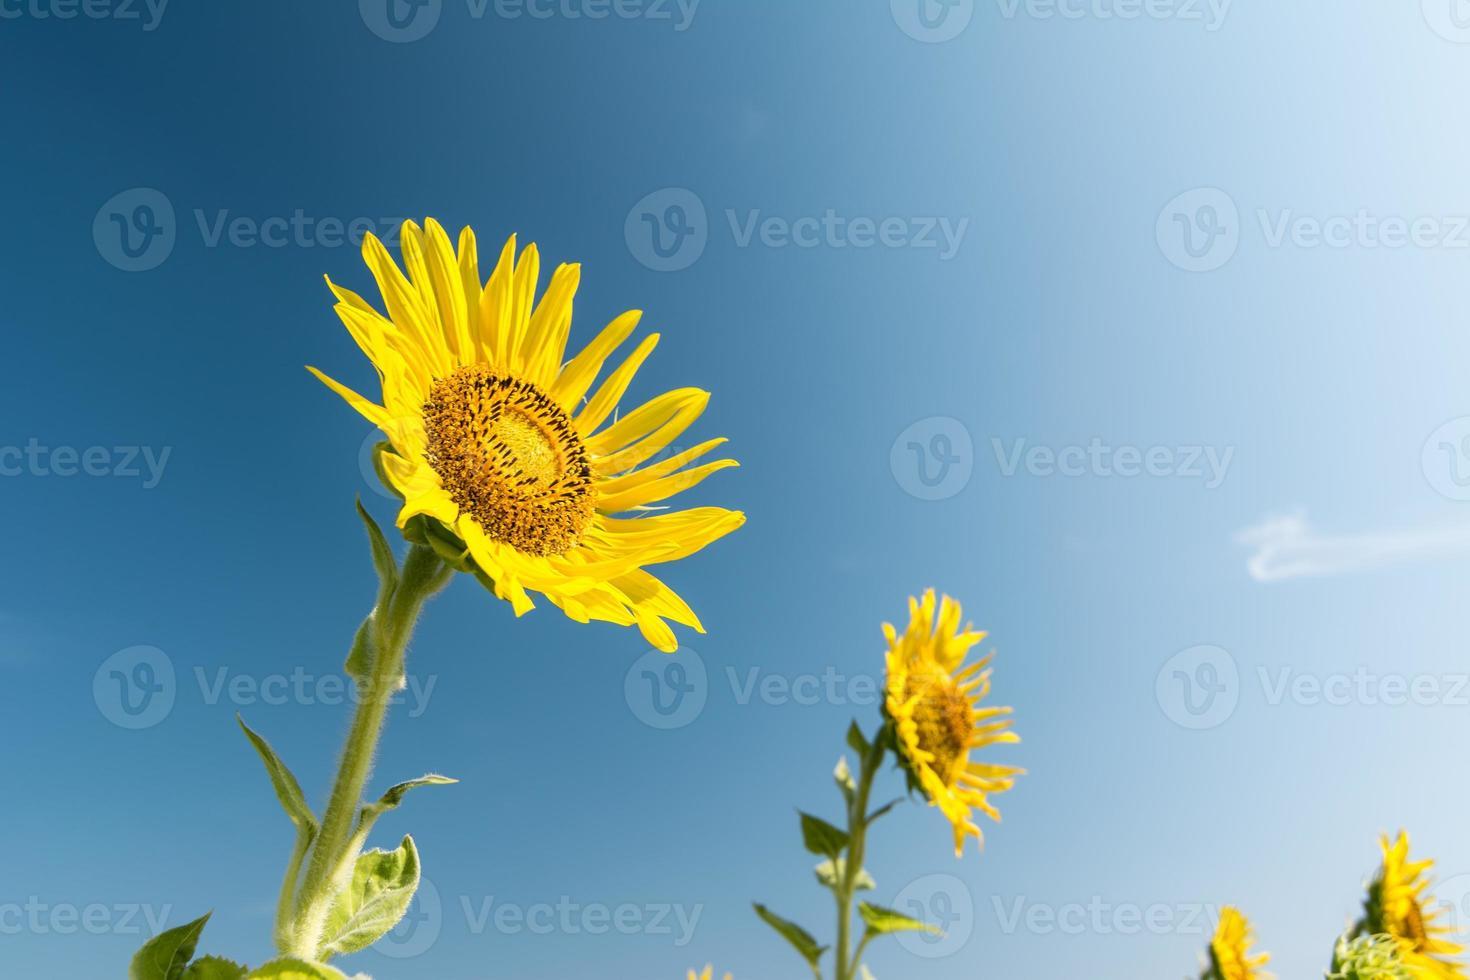 mooi landschap met zonnebloem veld over blauwe hemel foto